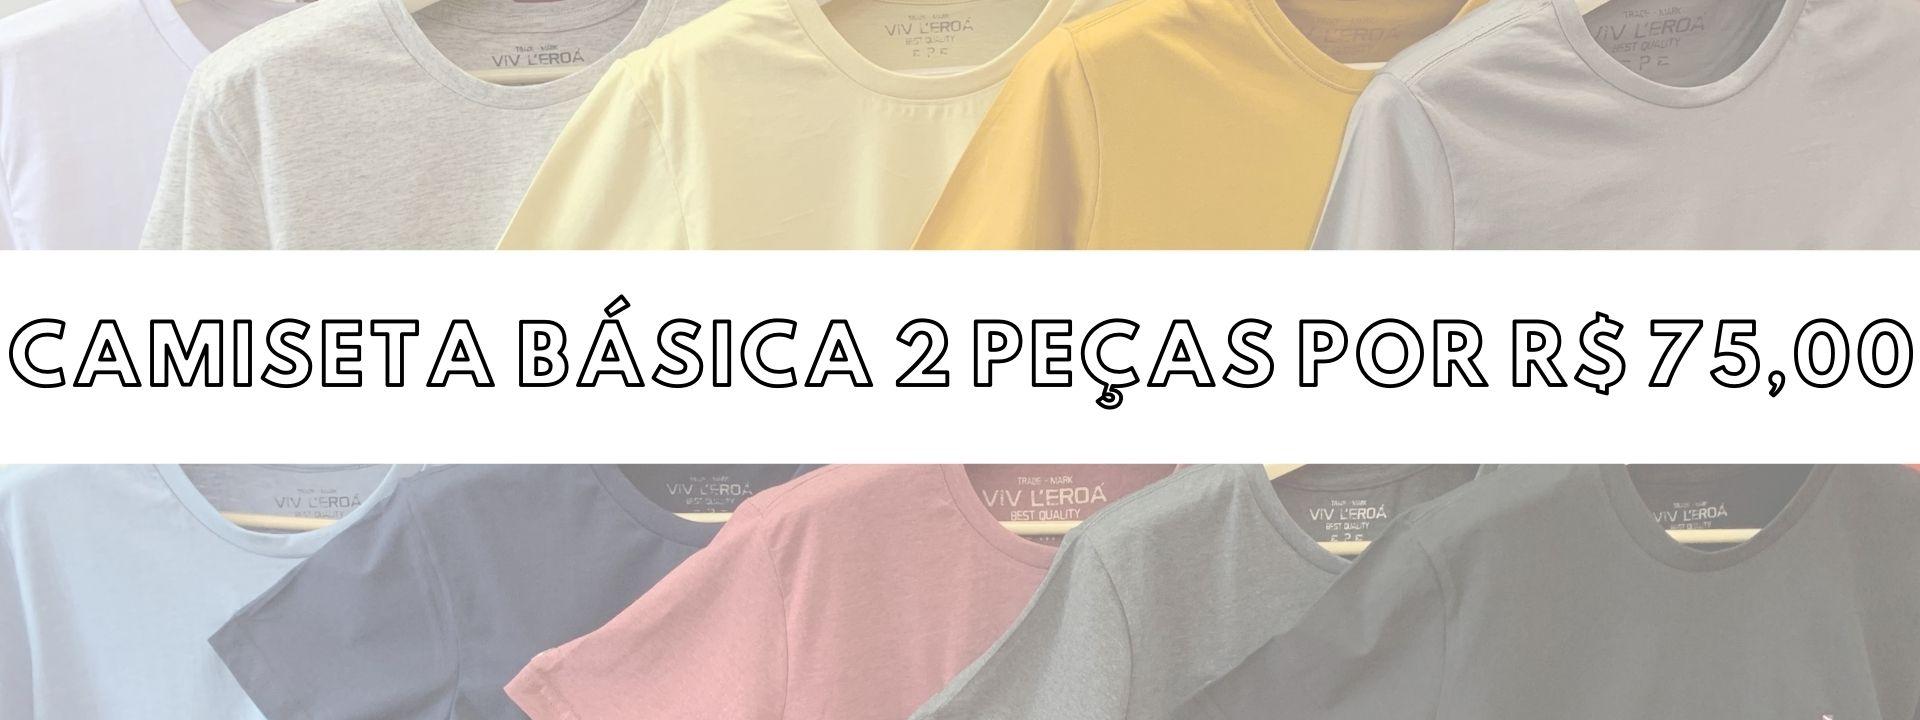 2 camisetas básicas por R$75,00